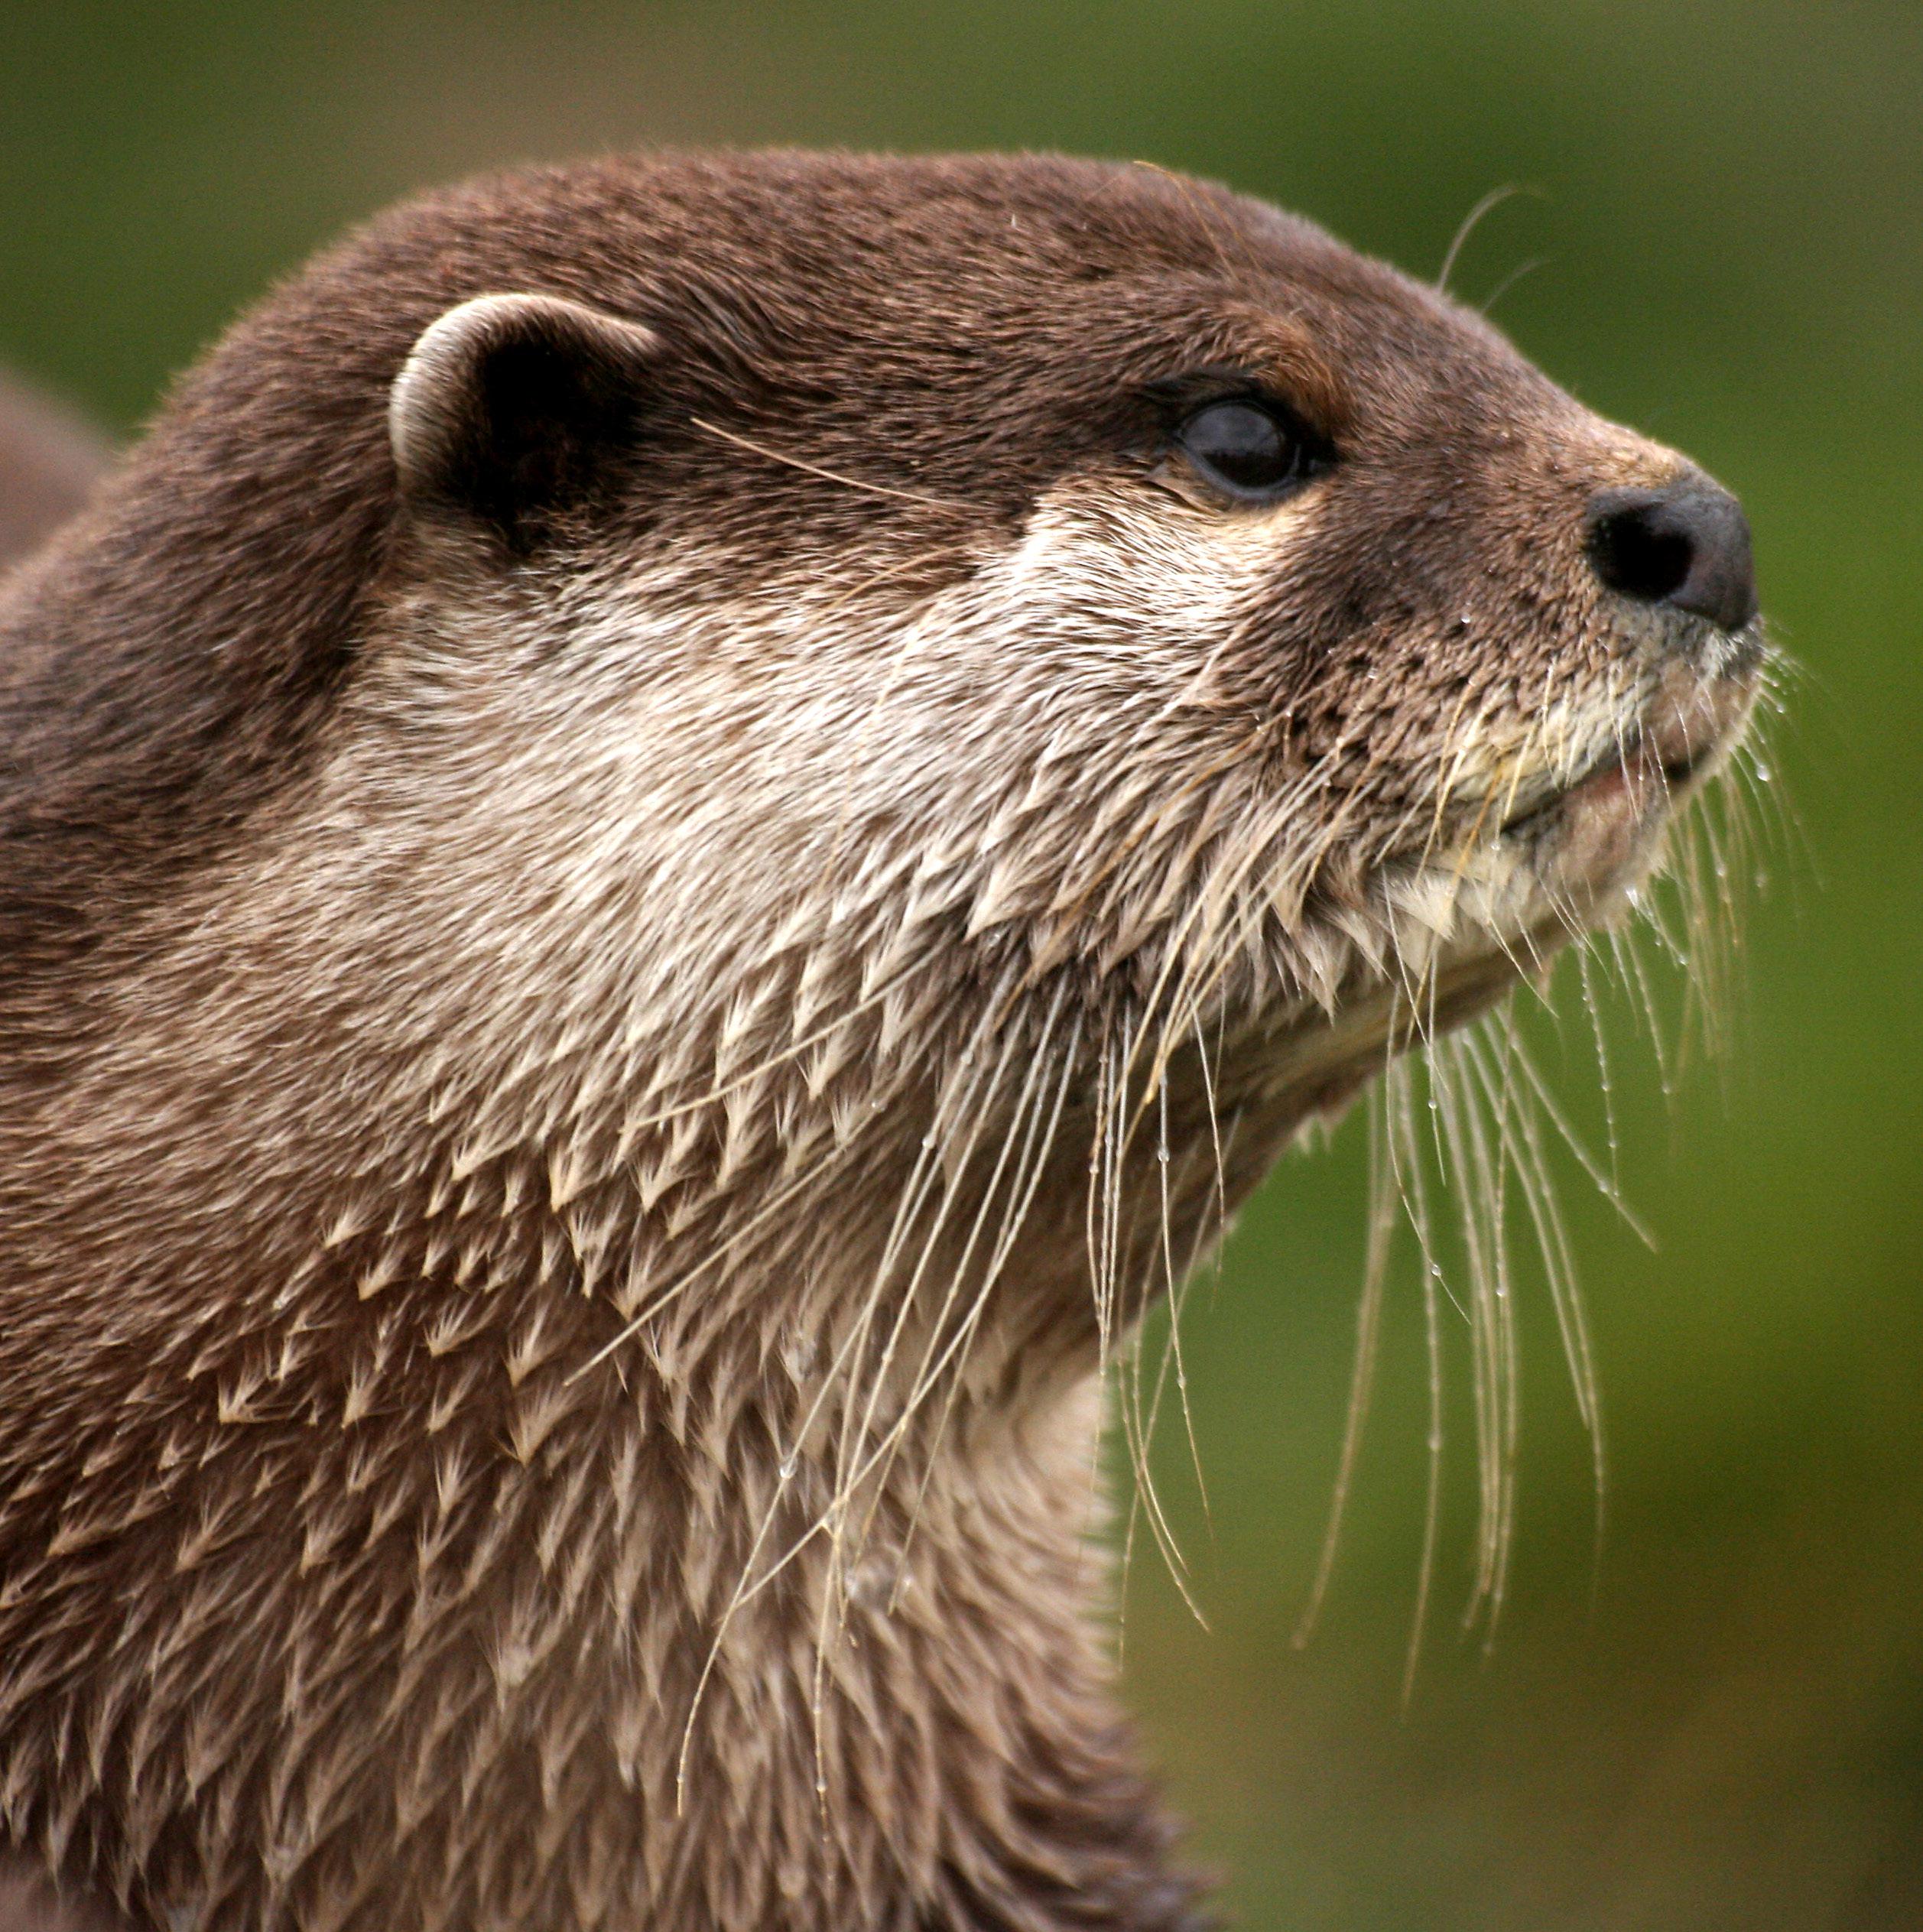 River otter face profile